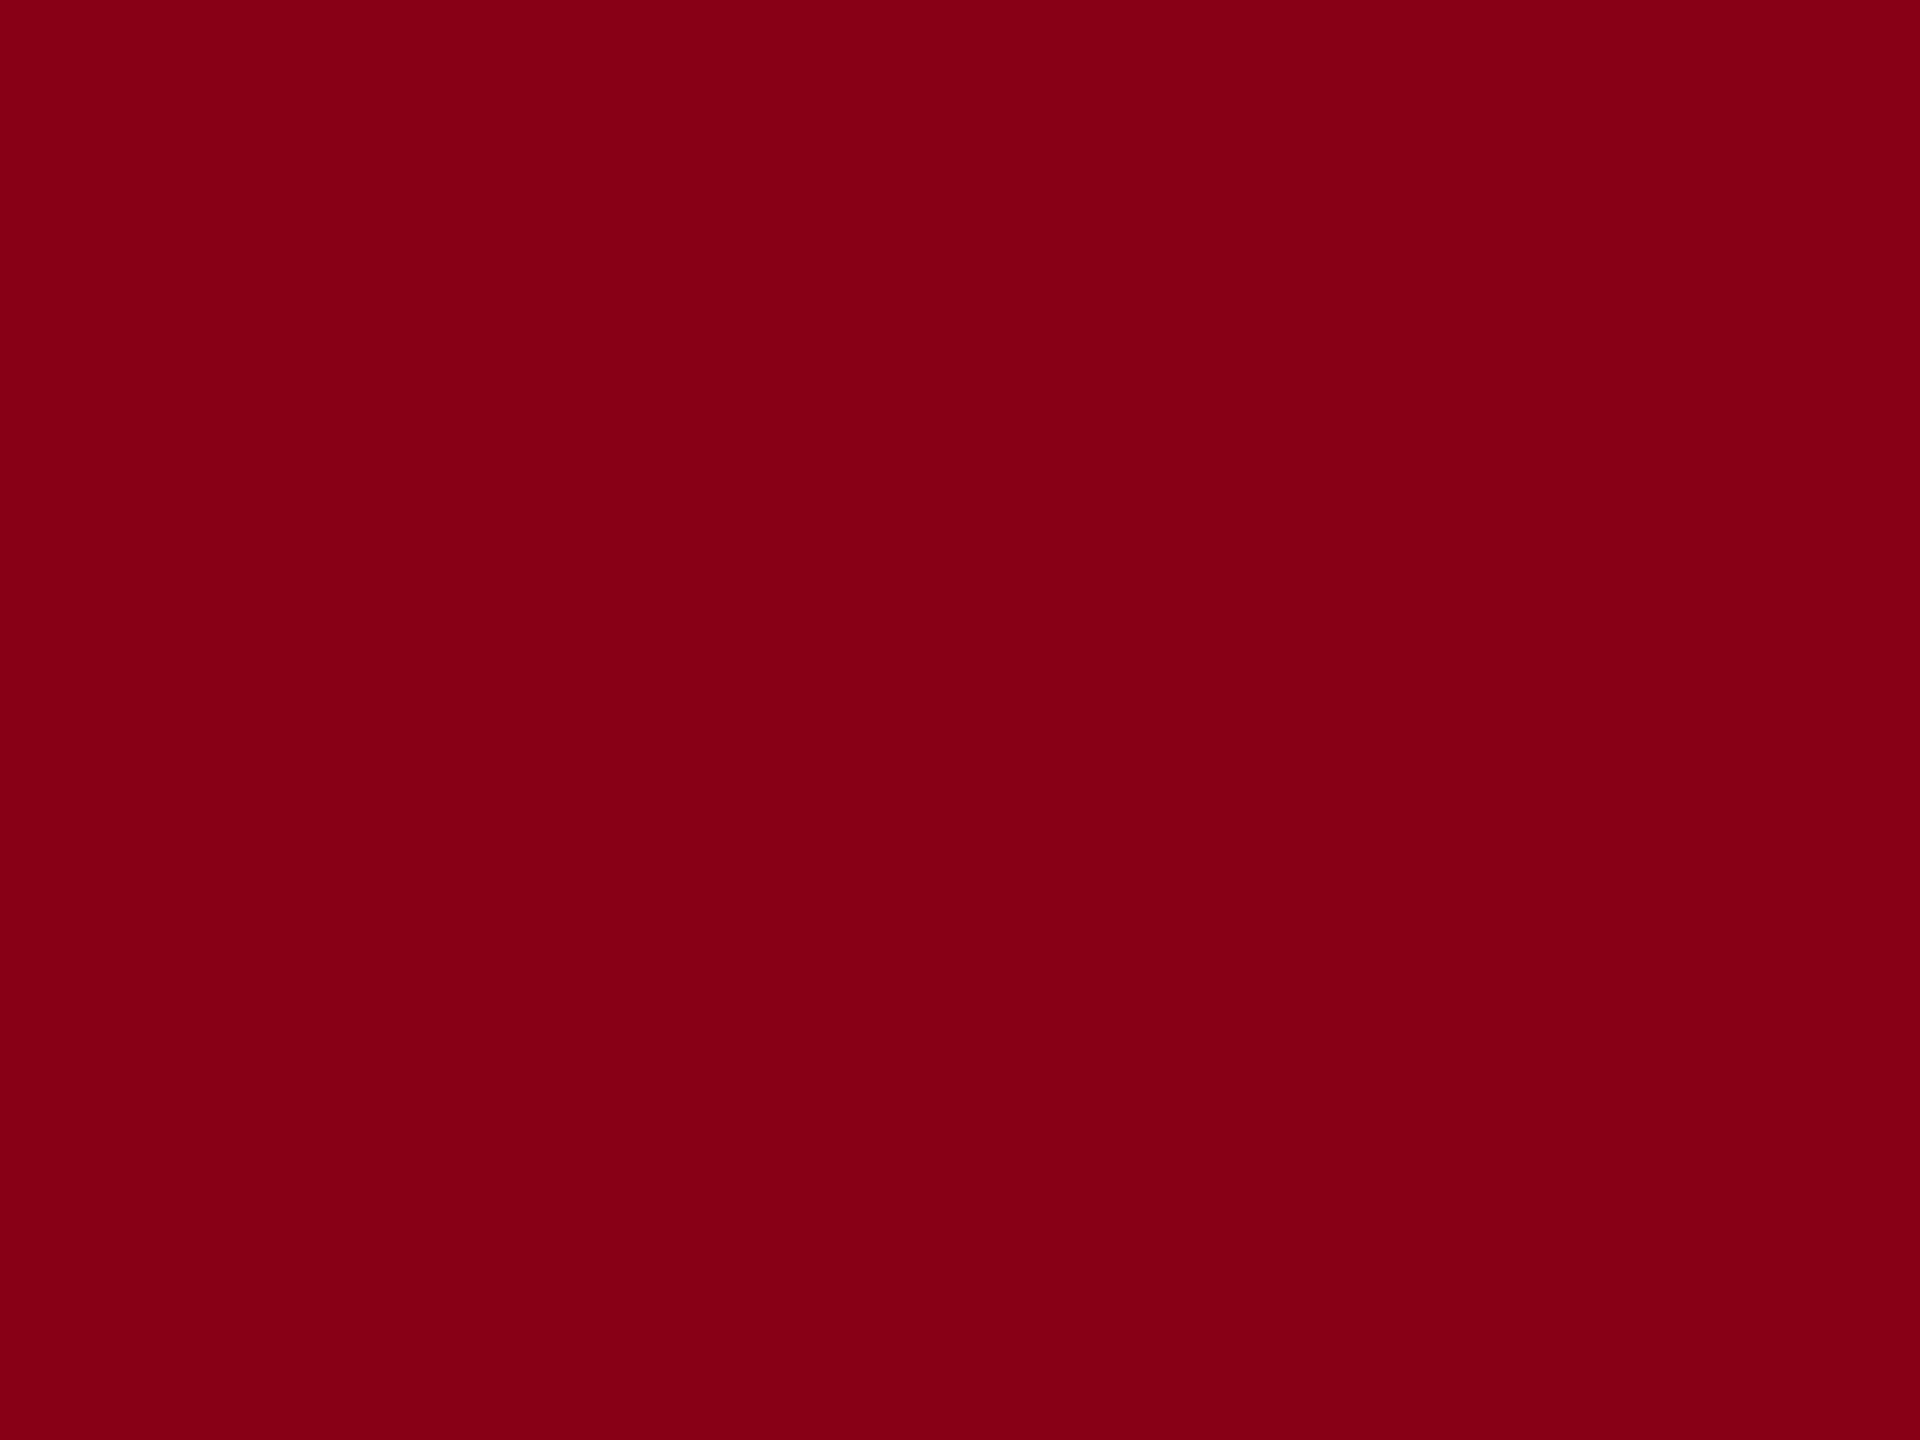 Resultado de imagen para background heart · Backgrounds FreeRed  BackgroundDark …